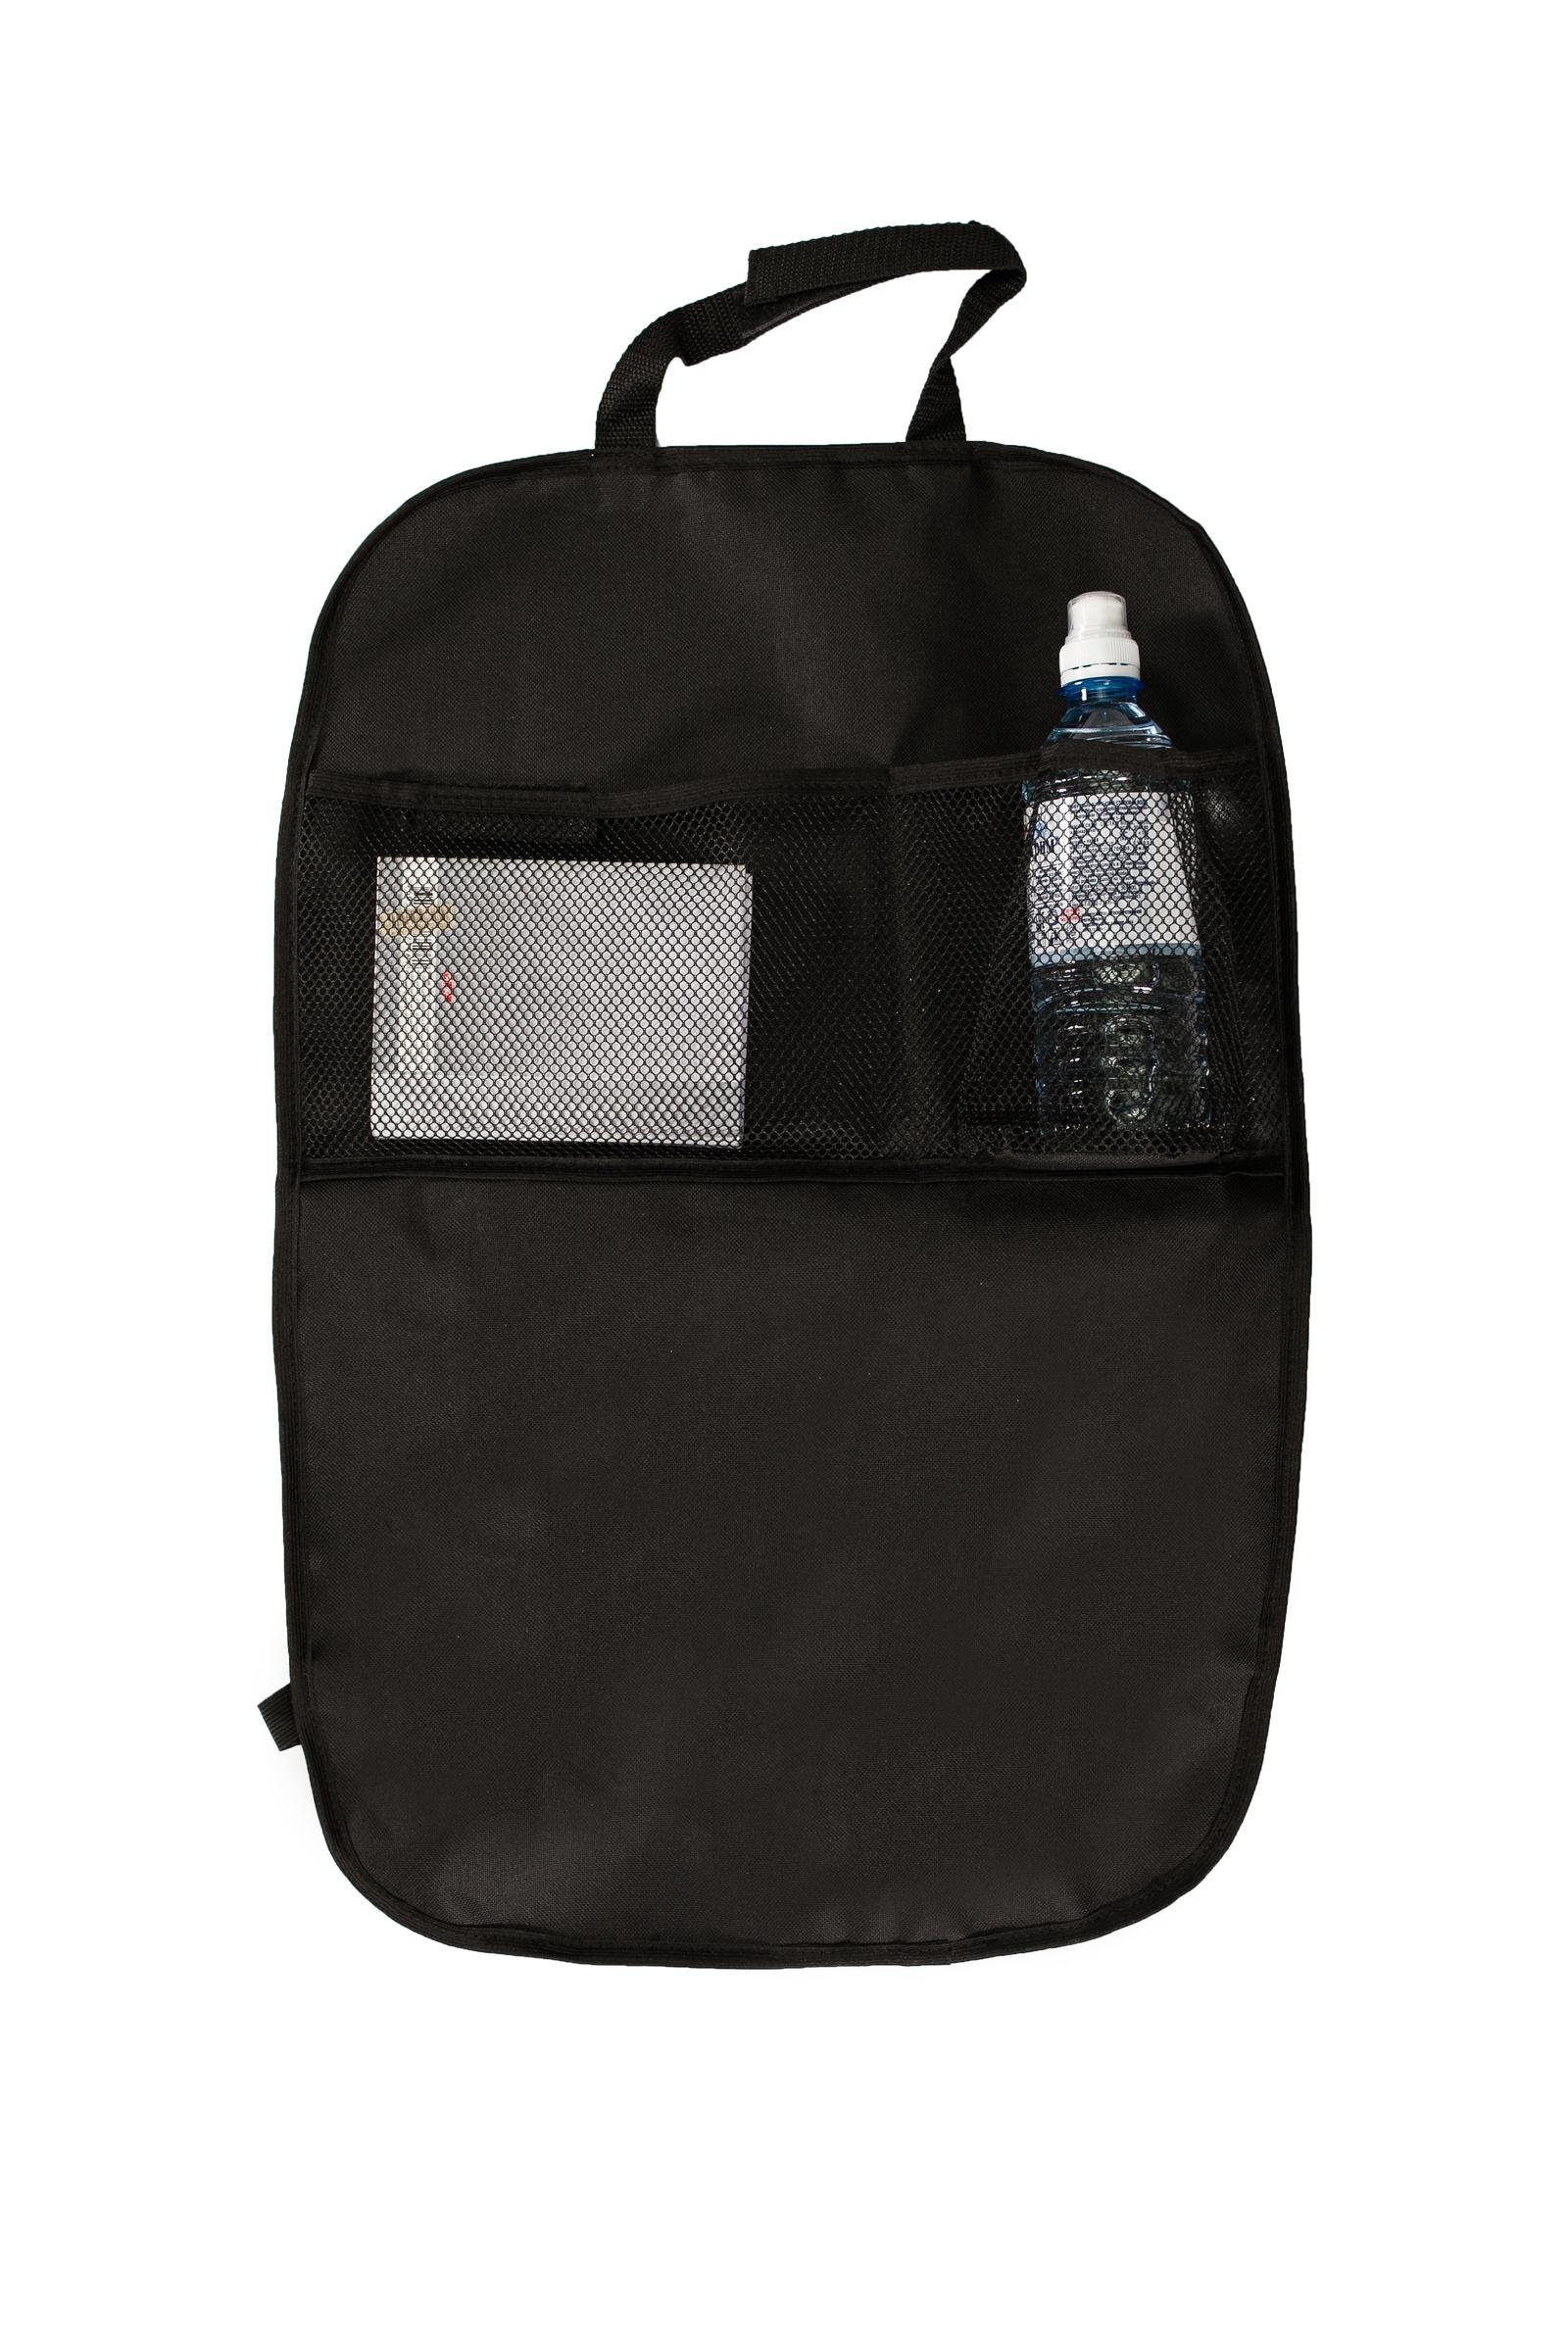 Органайзер автомобильный AvtoTink чехол два кармана 74010, 74010, черный органайзер на спинку переднего сидения с откидным столиком черный airline ao bs 02